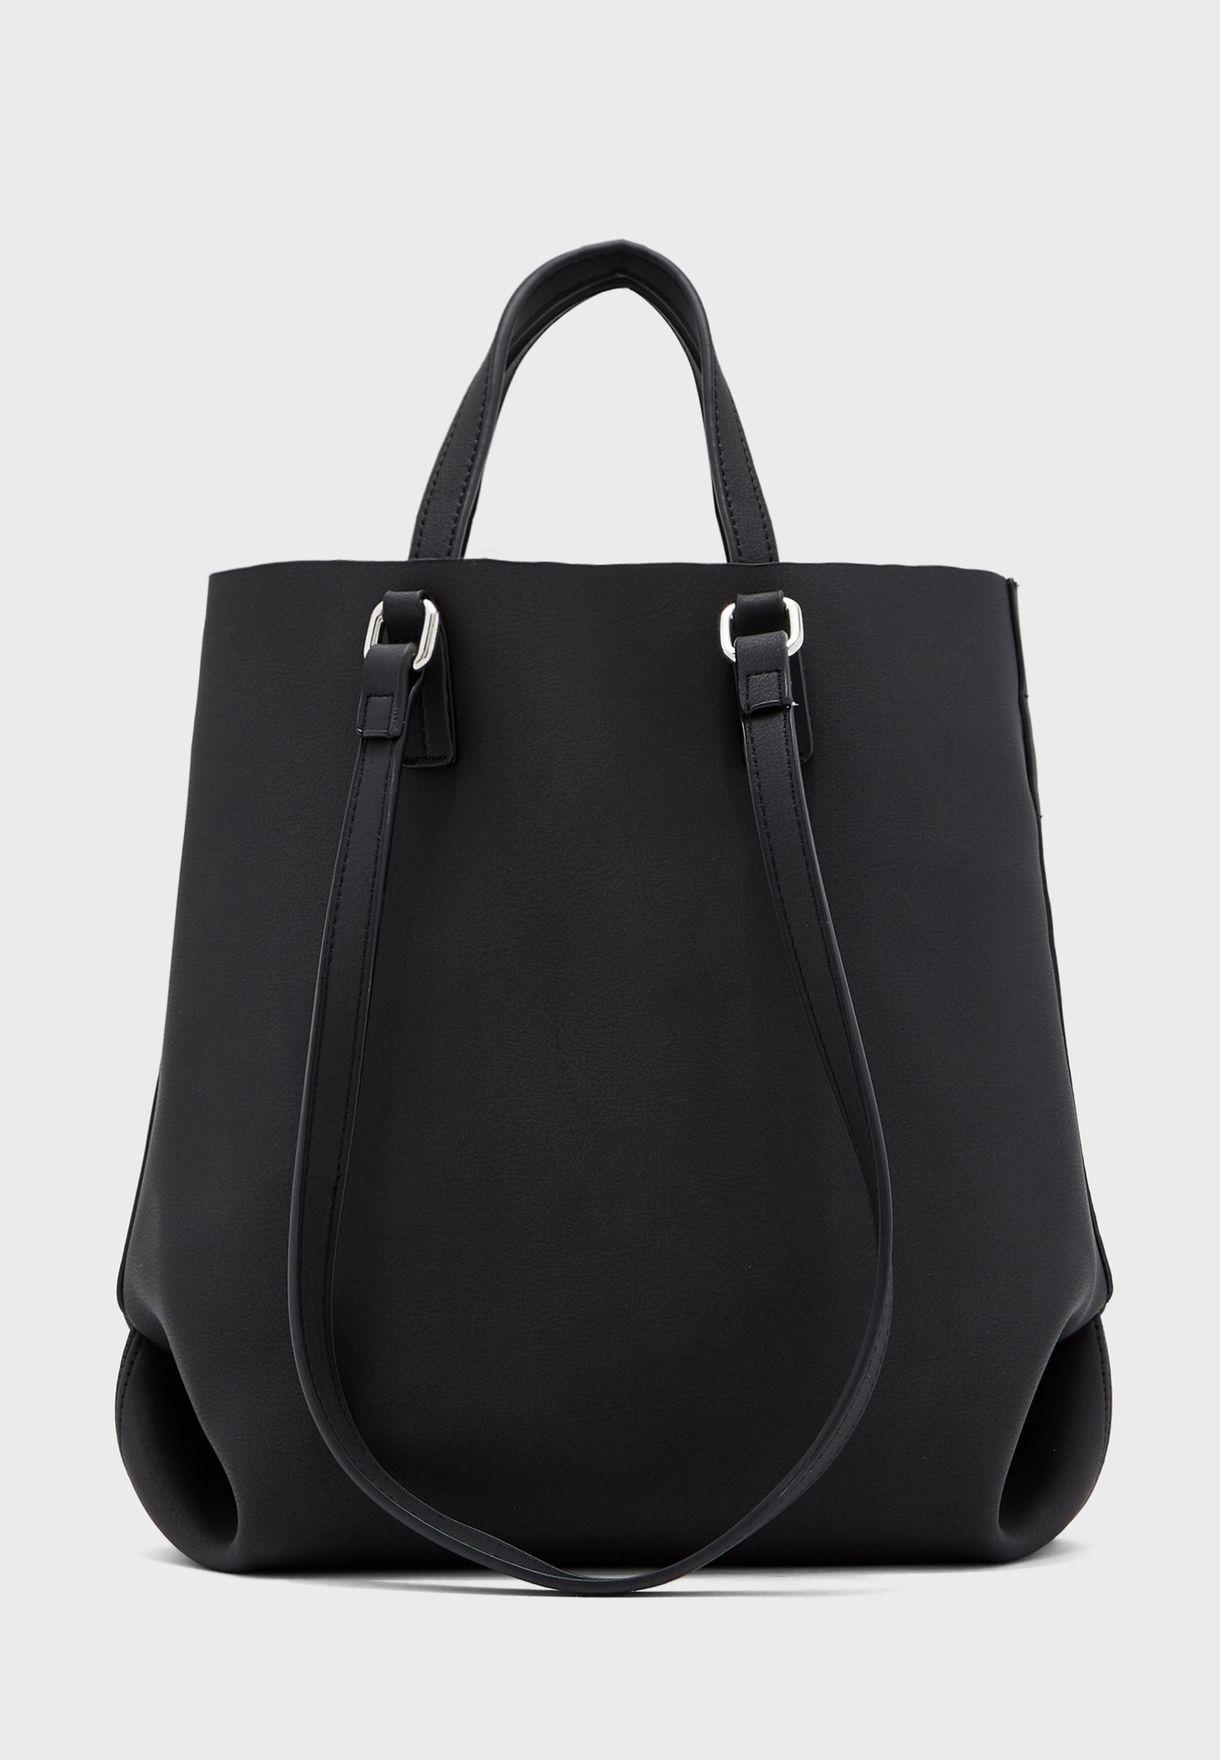 Two Handle Tote Bag